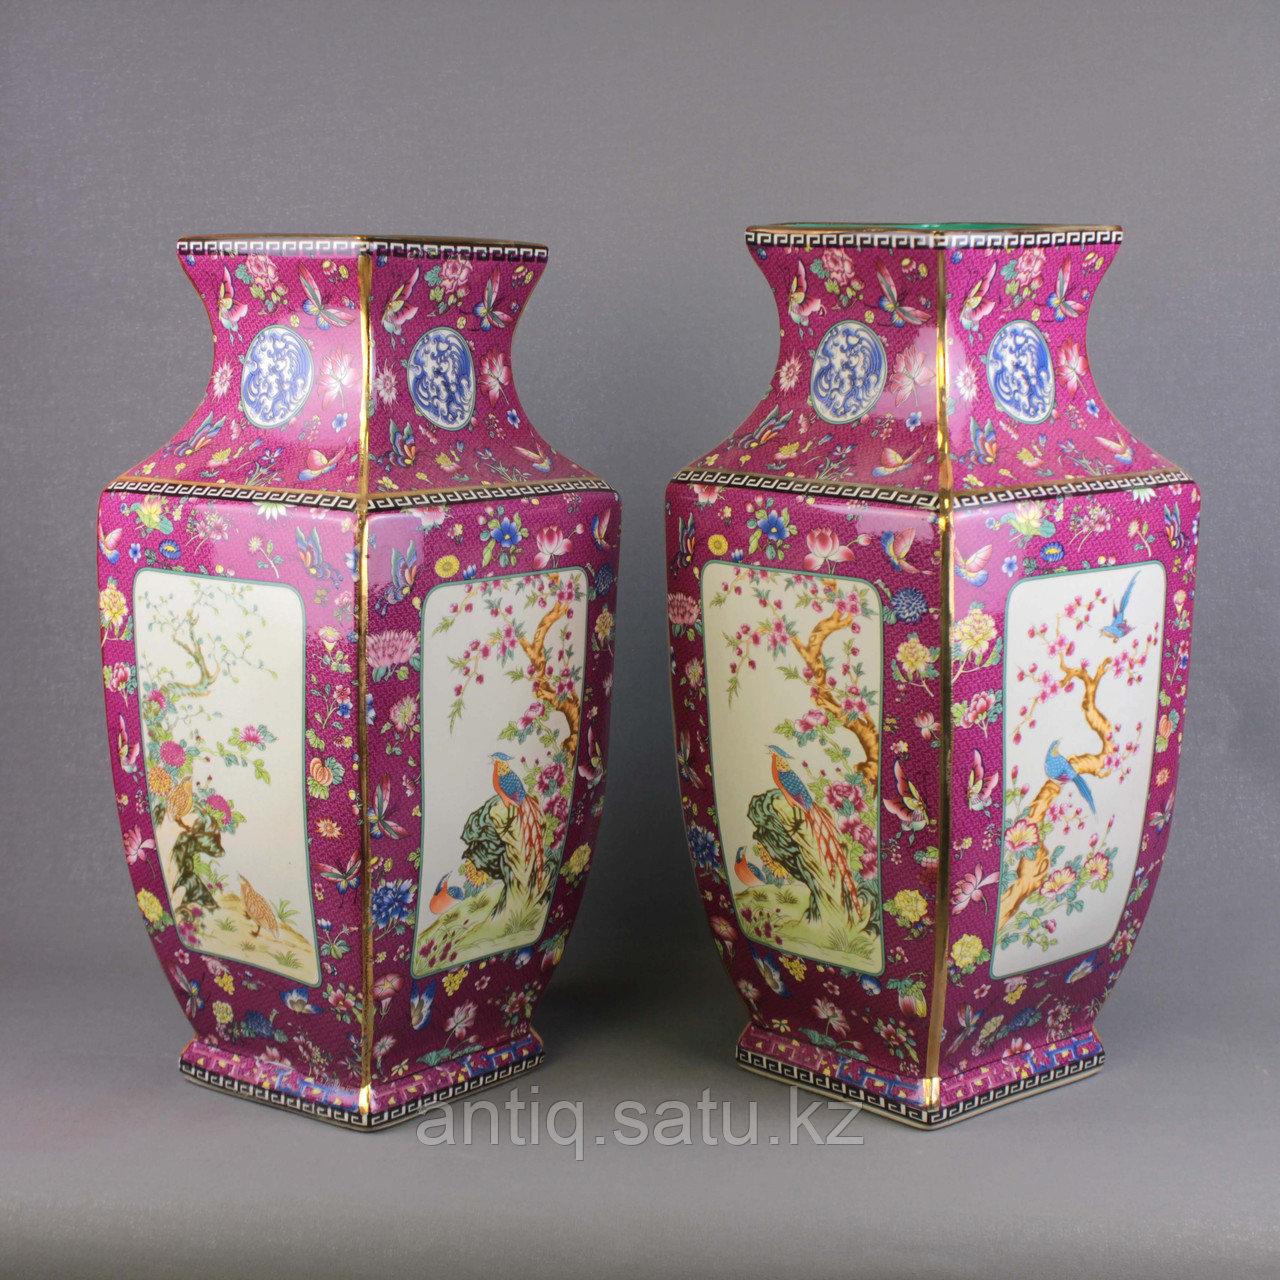 Бордовые вазы с бабочками. - фото 1